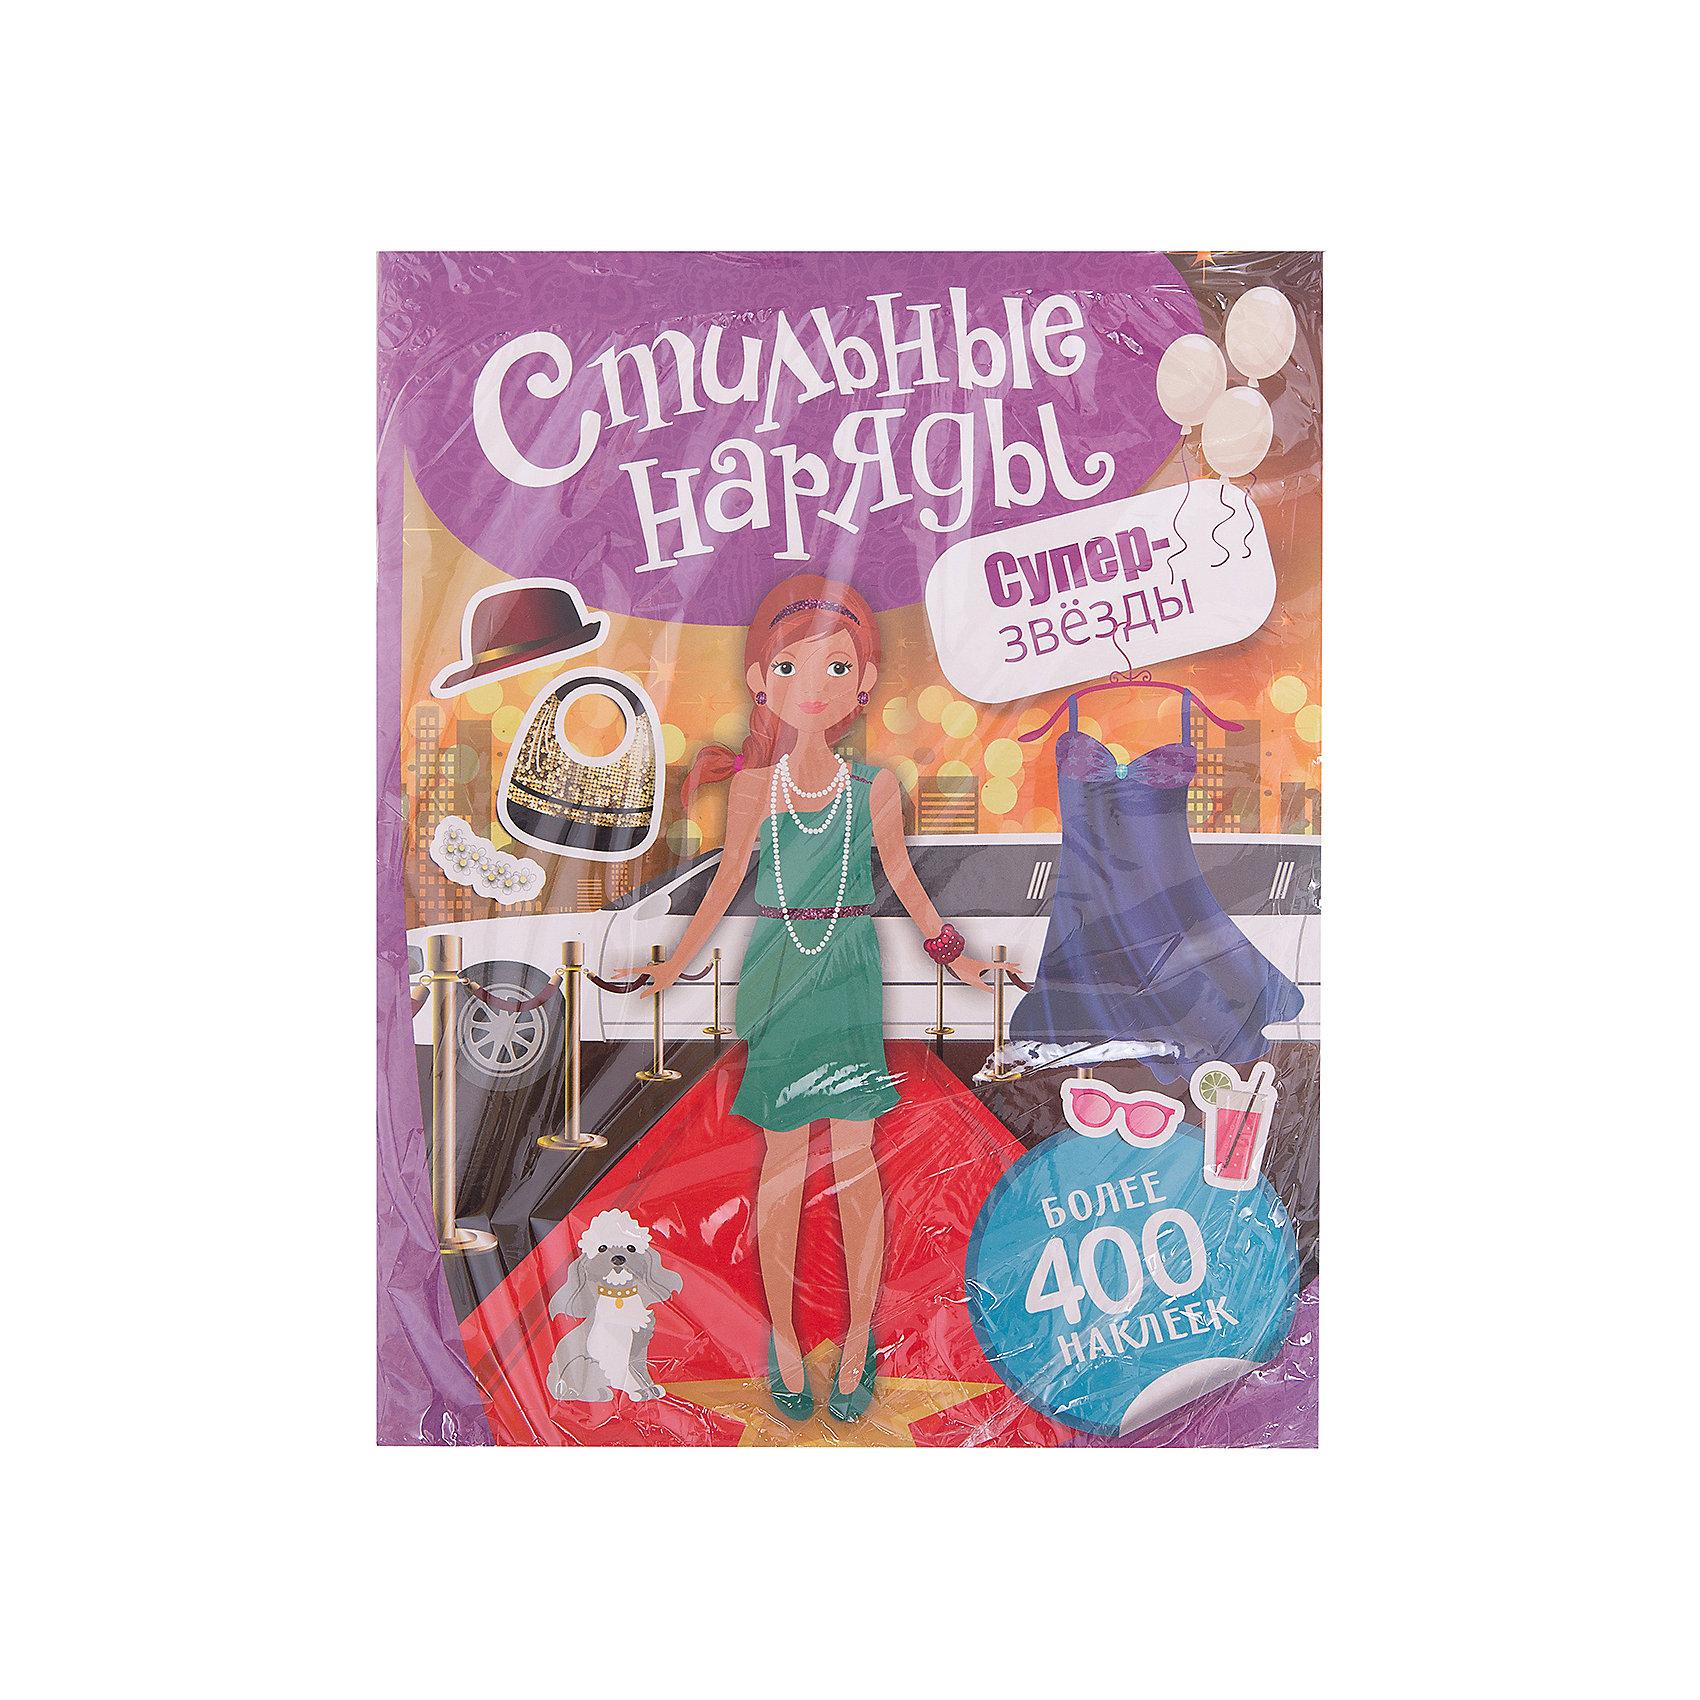 Наклейки Стильные наряды: суперзвездыРосмэн<br>Наклейки Стильные наряды. Суперзвезды<br><br>Характеристики:<br><br>• ISBN: 9785353079941<br>• Количество наклеек: большее 400<br>• В комплекте: альбом с наклейками<br><br>В этой книге содержится более 400 наклеек с разными модными аксессуарами и одеждой! Играя с этой книгой, ваш ребенок сможет ощутить себя настоящим дизайнером, составляя модные образы и сочетая различные элементы нарядов между собой. Игра с наклейками способствует развитию мелкой моторики у детей, а яркие и красочные изображения надолго увлекут игрой.<br><br>Наклейки Стильные наряды. Суперзвезды можно купить в нашем интернет-магазине.<br><br>Ширина мм: 295<br>Глубина мм: 240<br>Высота мм: 30<br>Вес г: 218<br>Возраст от месяцев: 60<br>Возраст до месяцев: 2147483647<br>Пол: Женский<br>Возраст: Детский<br>SKU: 5507140